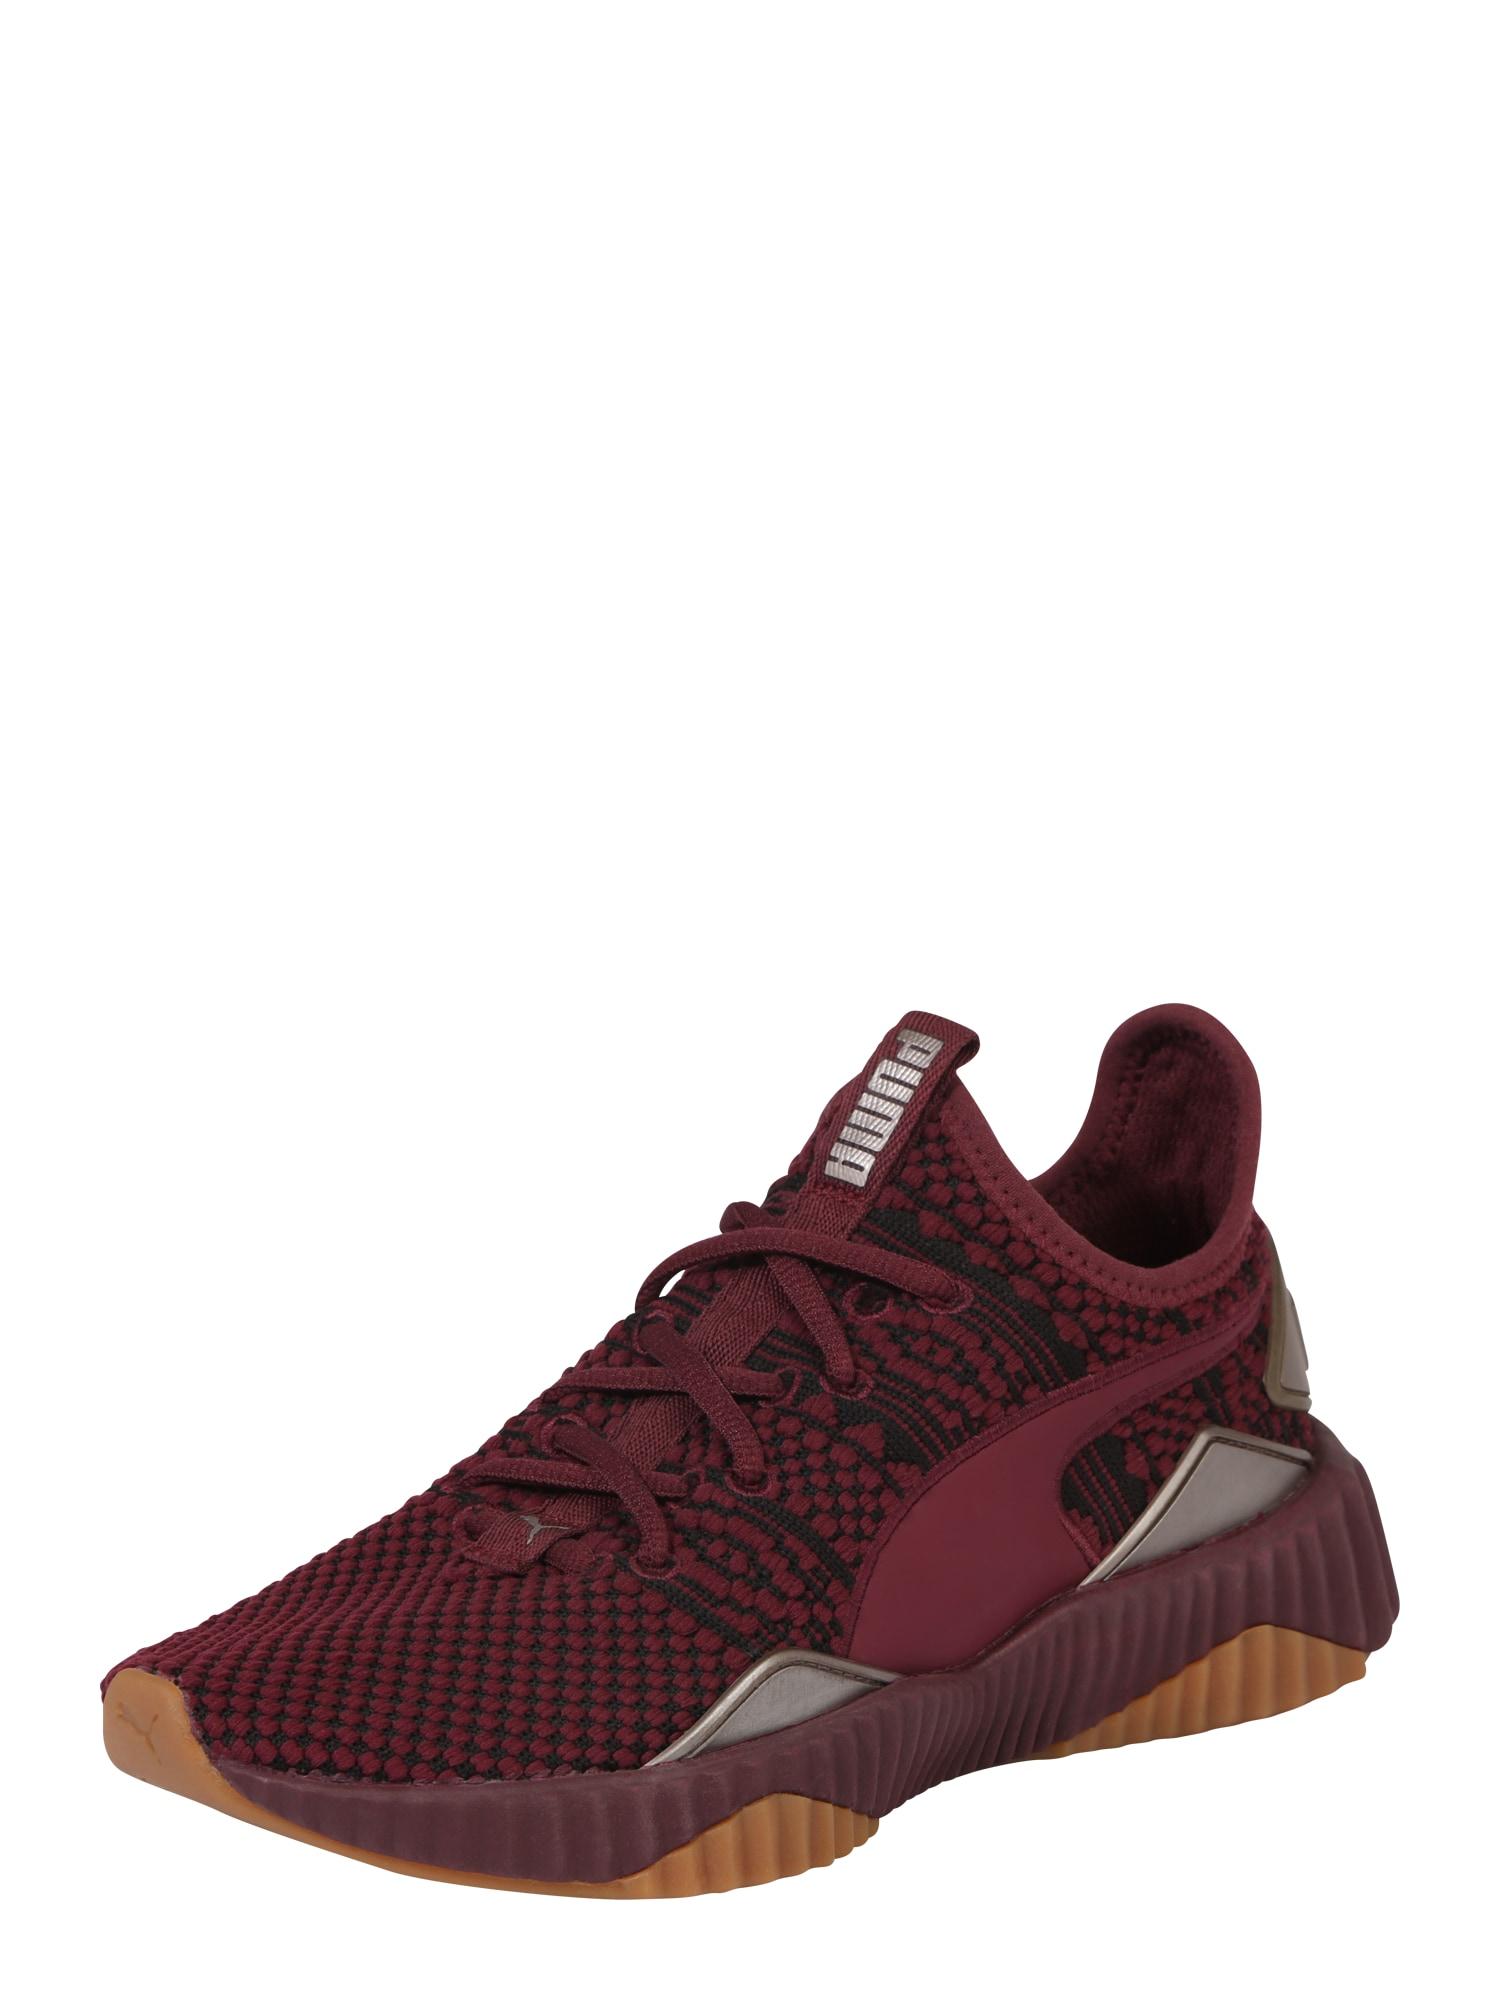 Sportovní boty Defy Luxe vínově červená černá PUMA